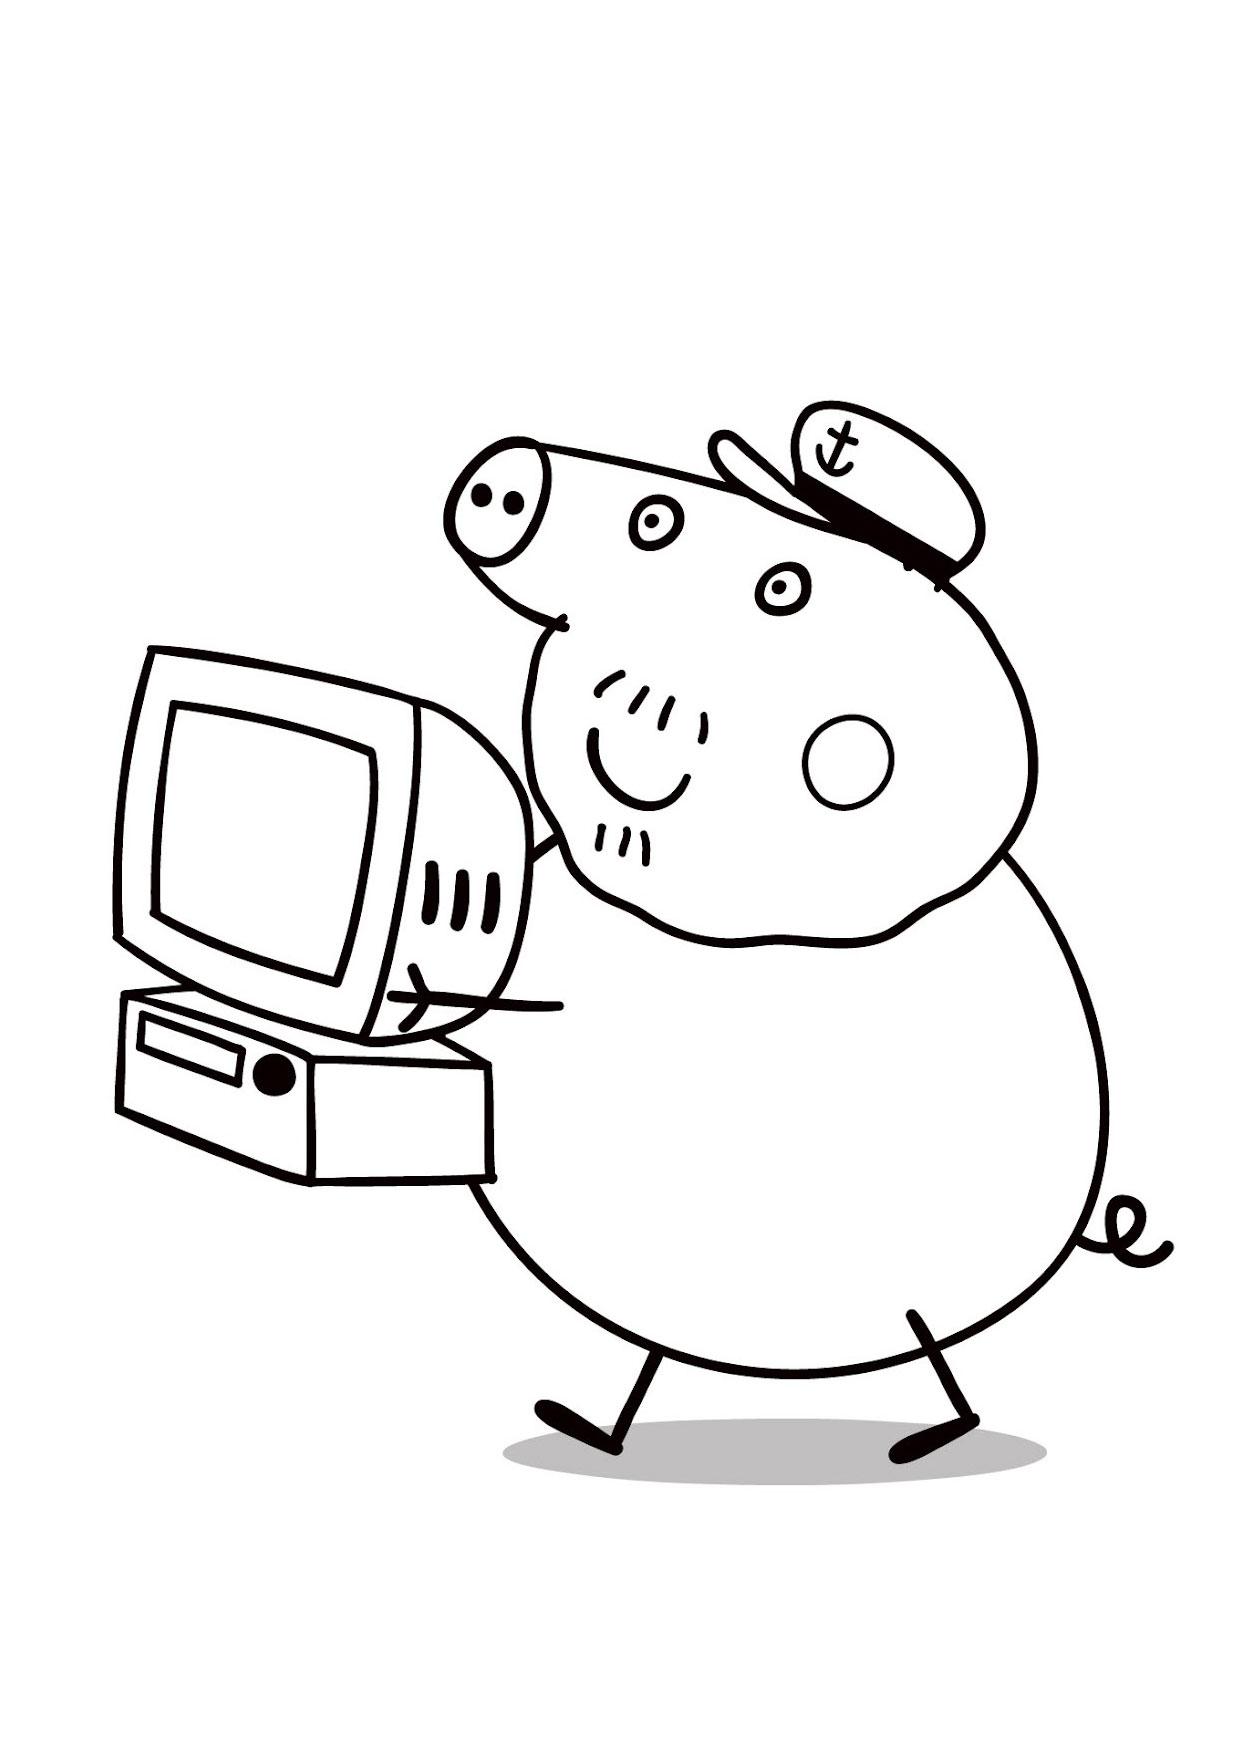 Disegno Peppa Pig da colorare 48